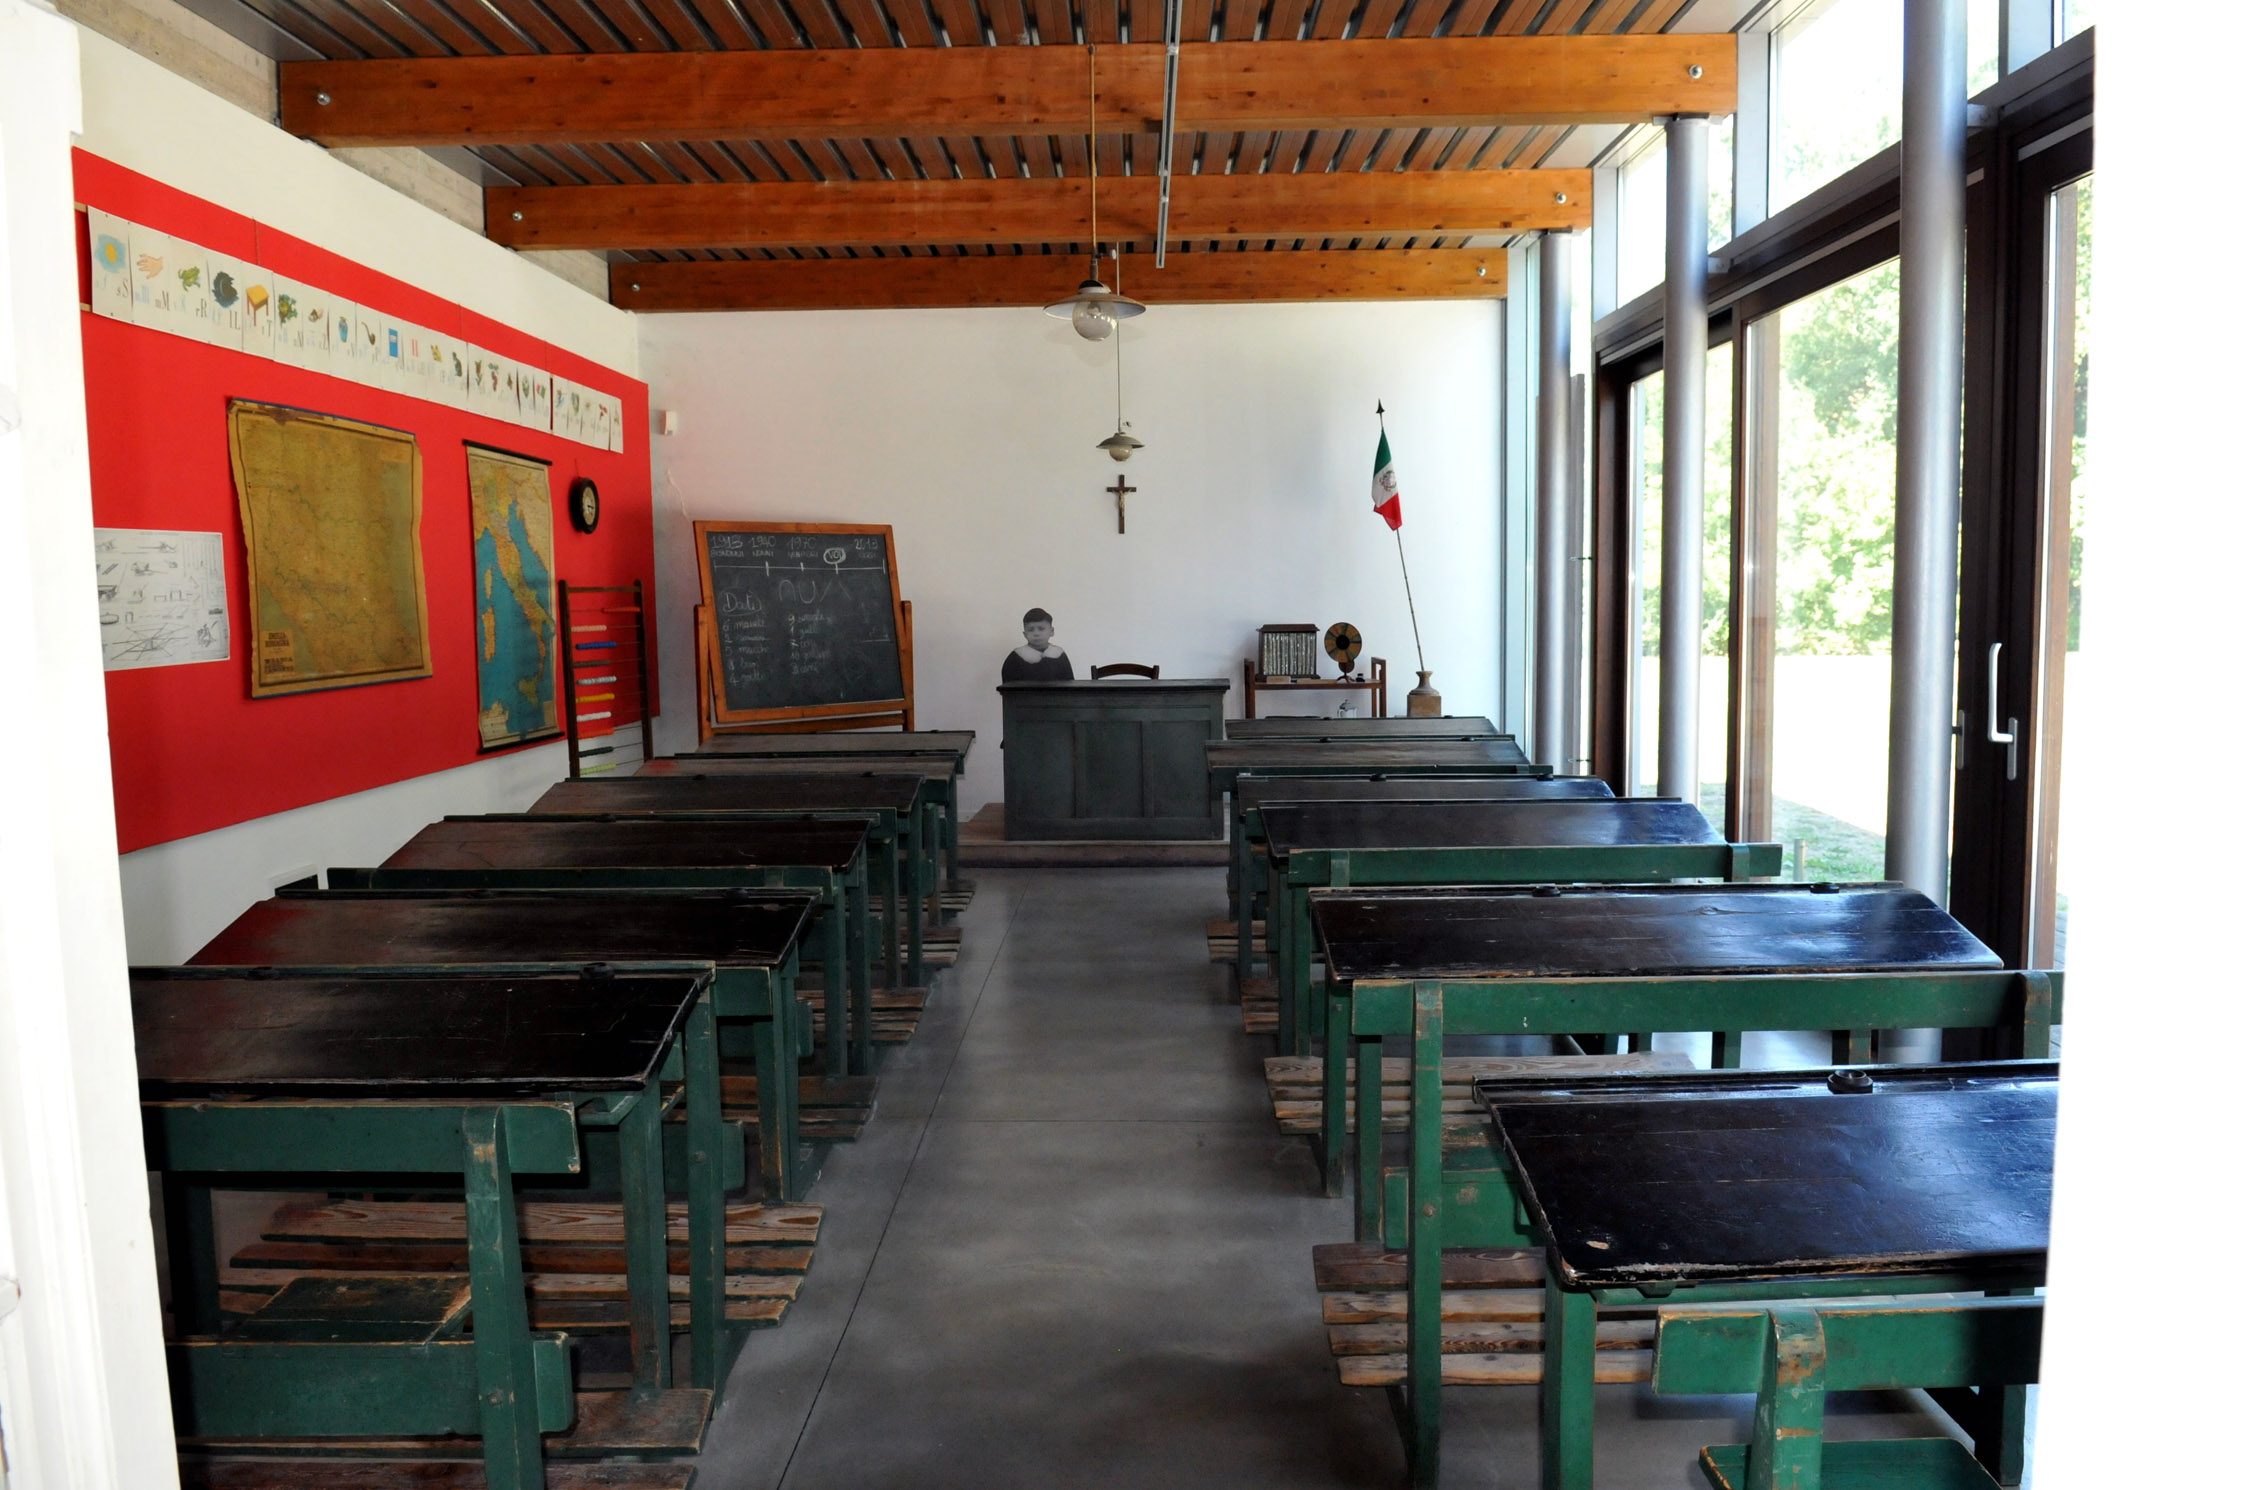 L'aula scolastica